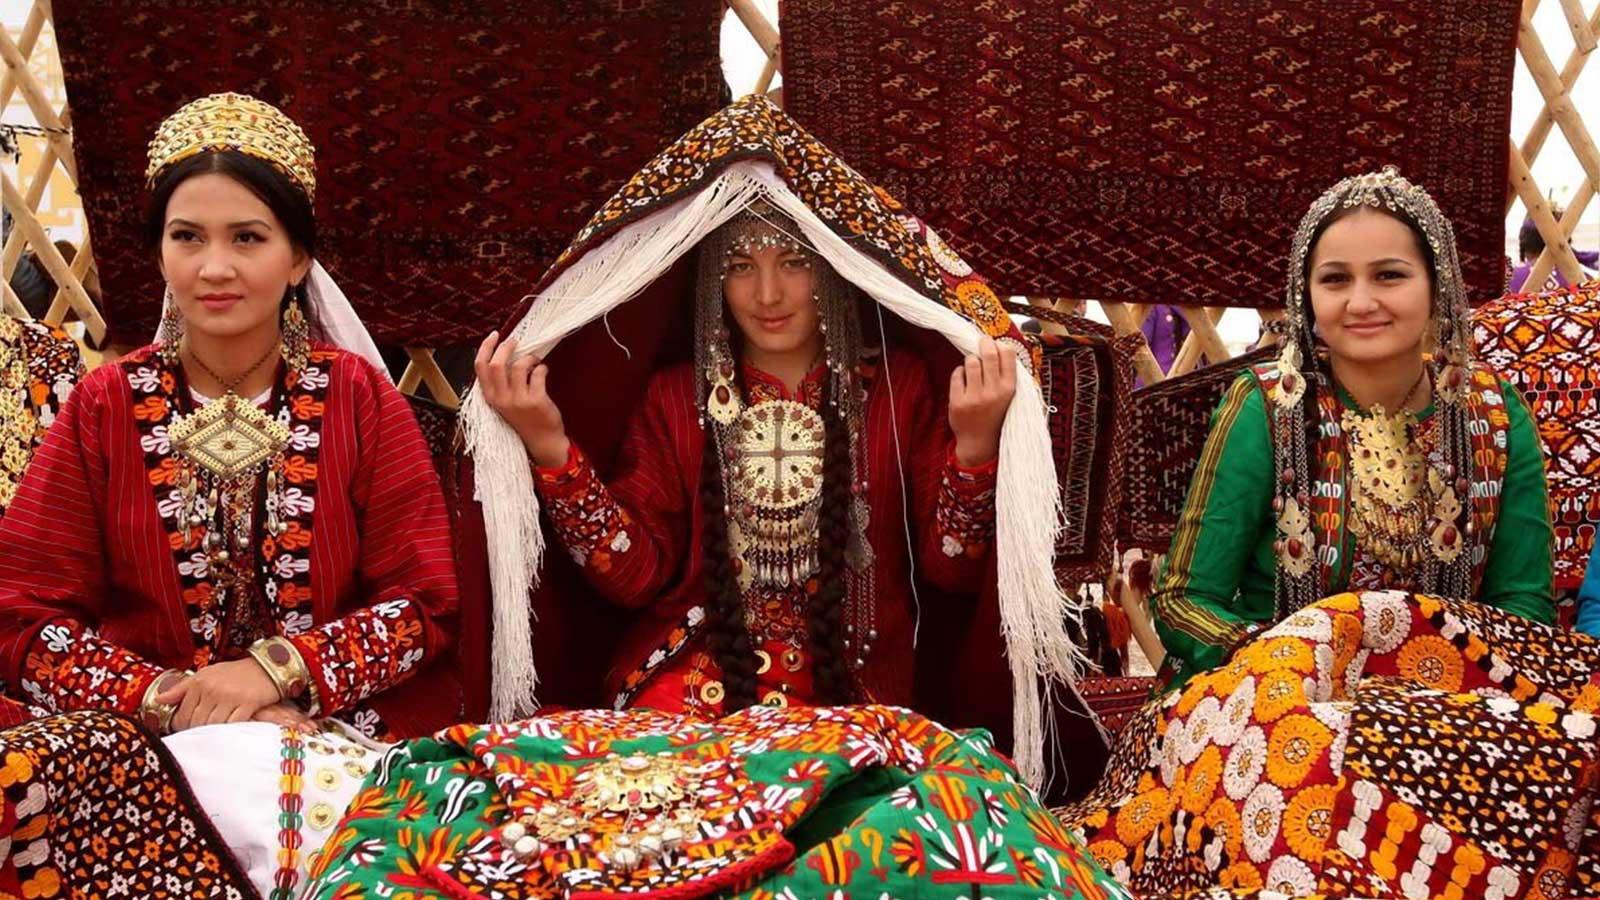 Turkmen Wedding Tokat Turkey